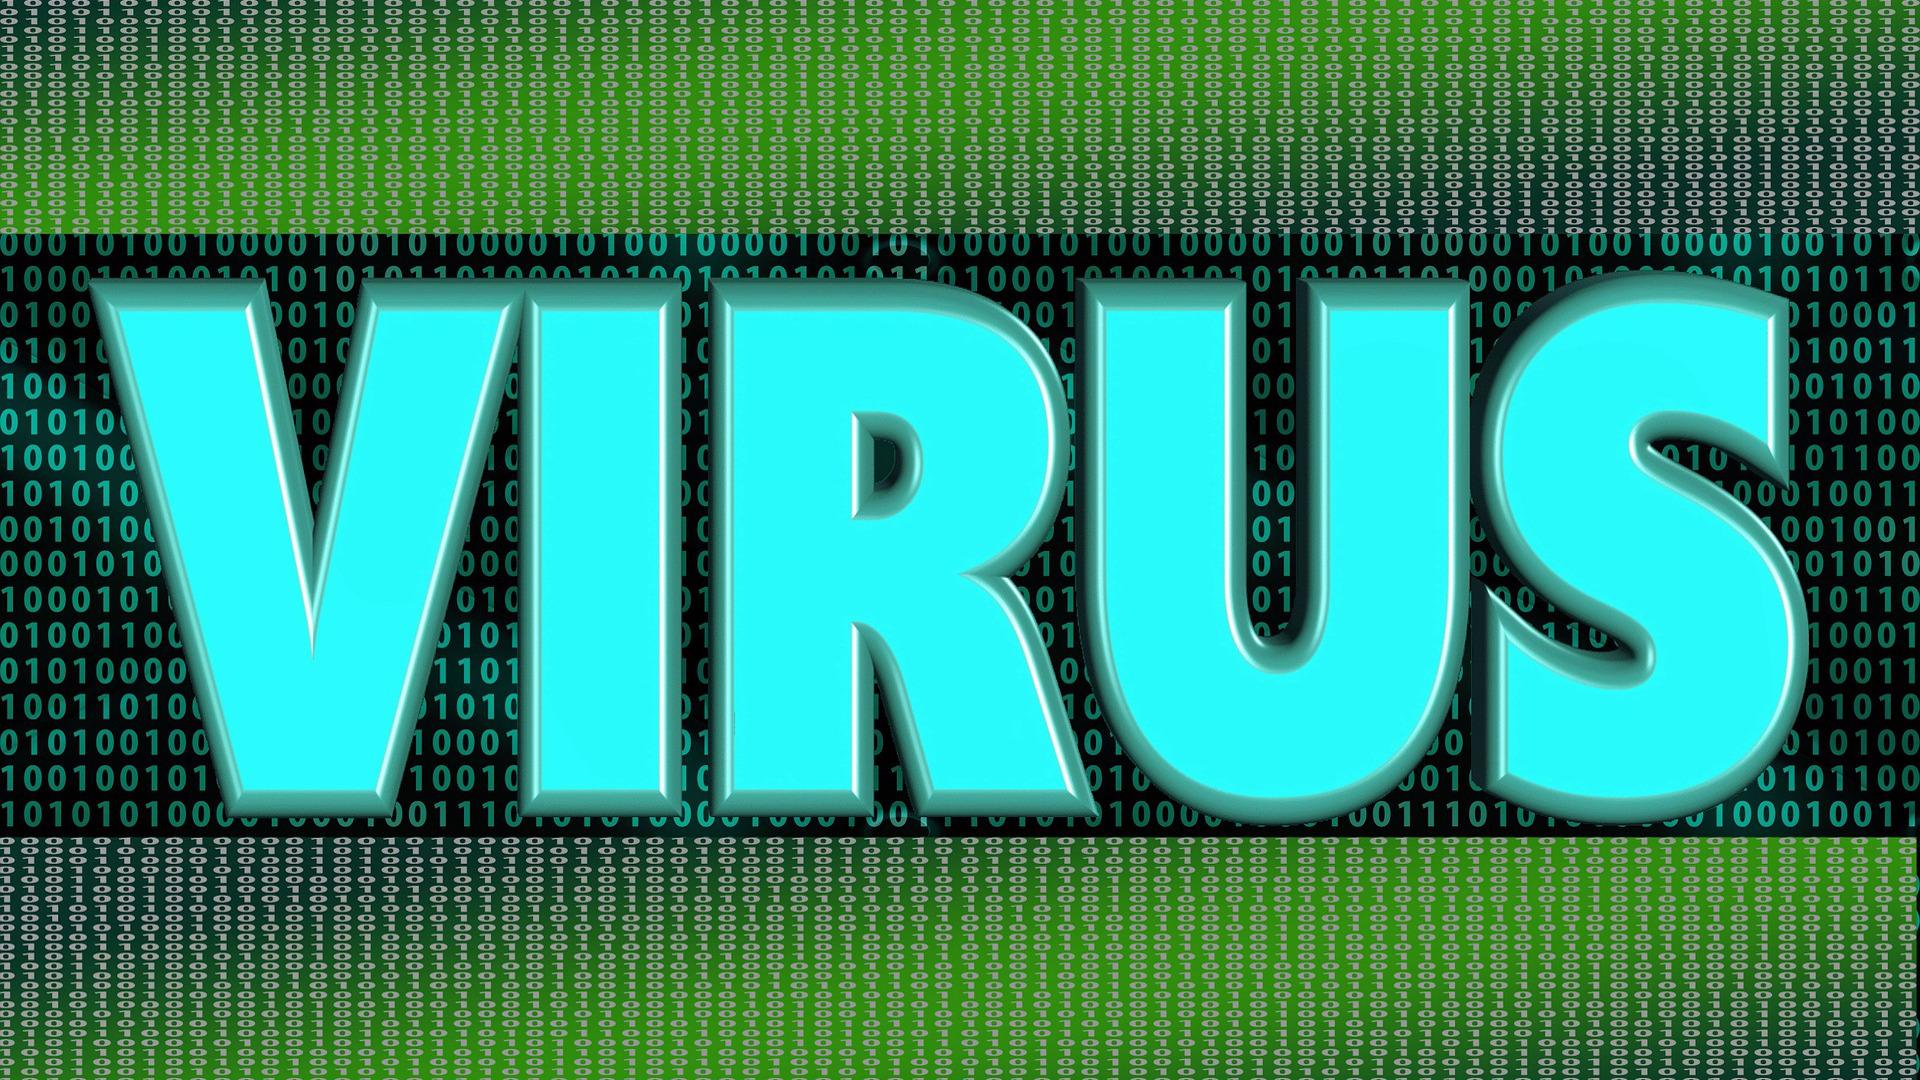 como-identificar-los-tipos-de-virus-informaticos-mas-comunes-1920